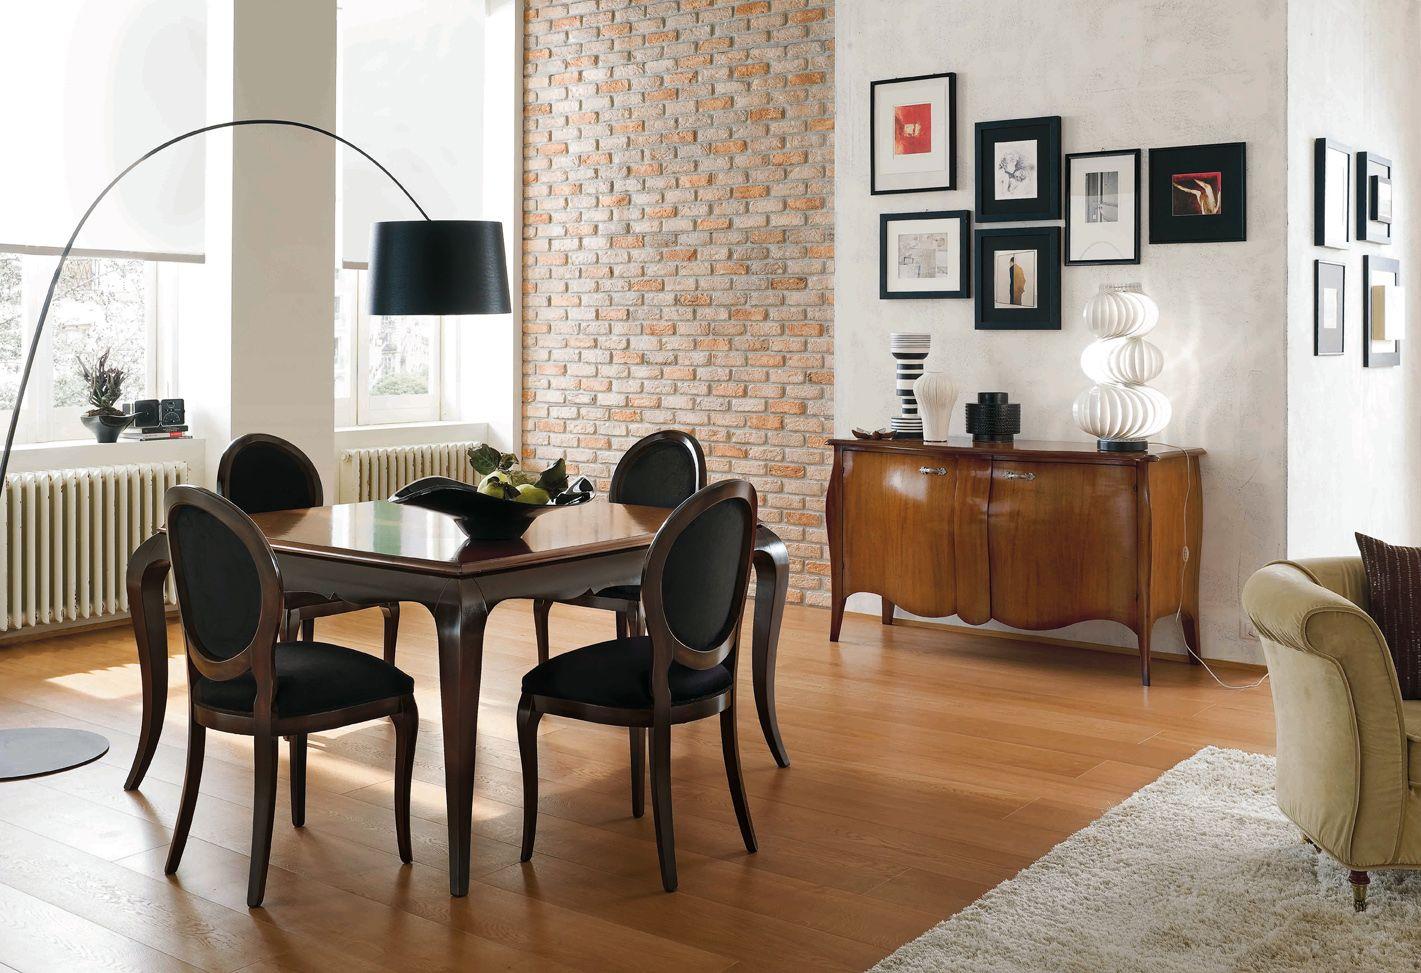 Tavolo Altacorte ~ Tavolo #classico #zonagiorno #altacorte #arredamento #qualità